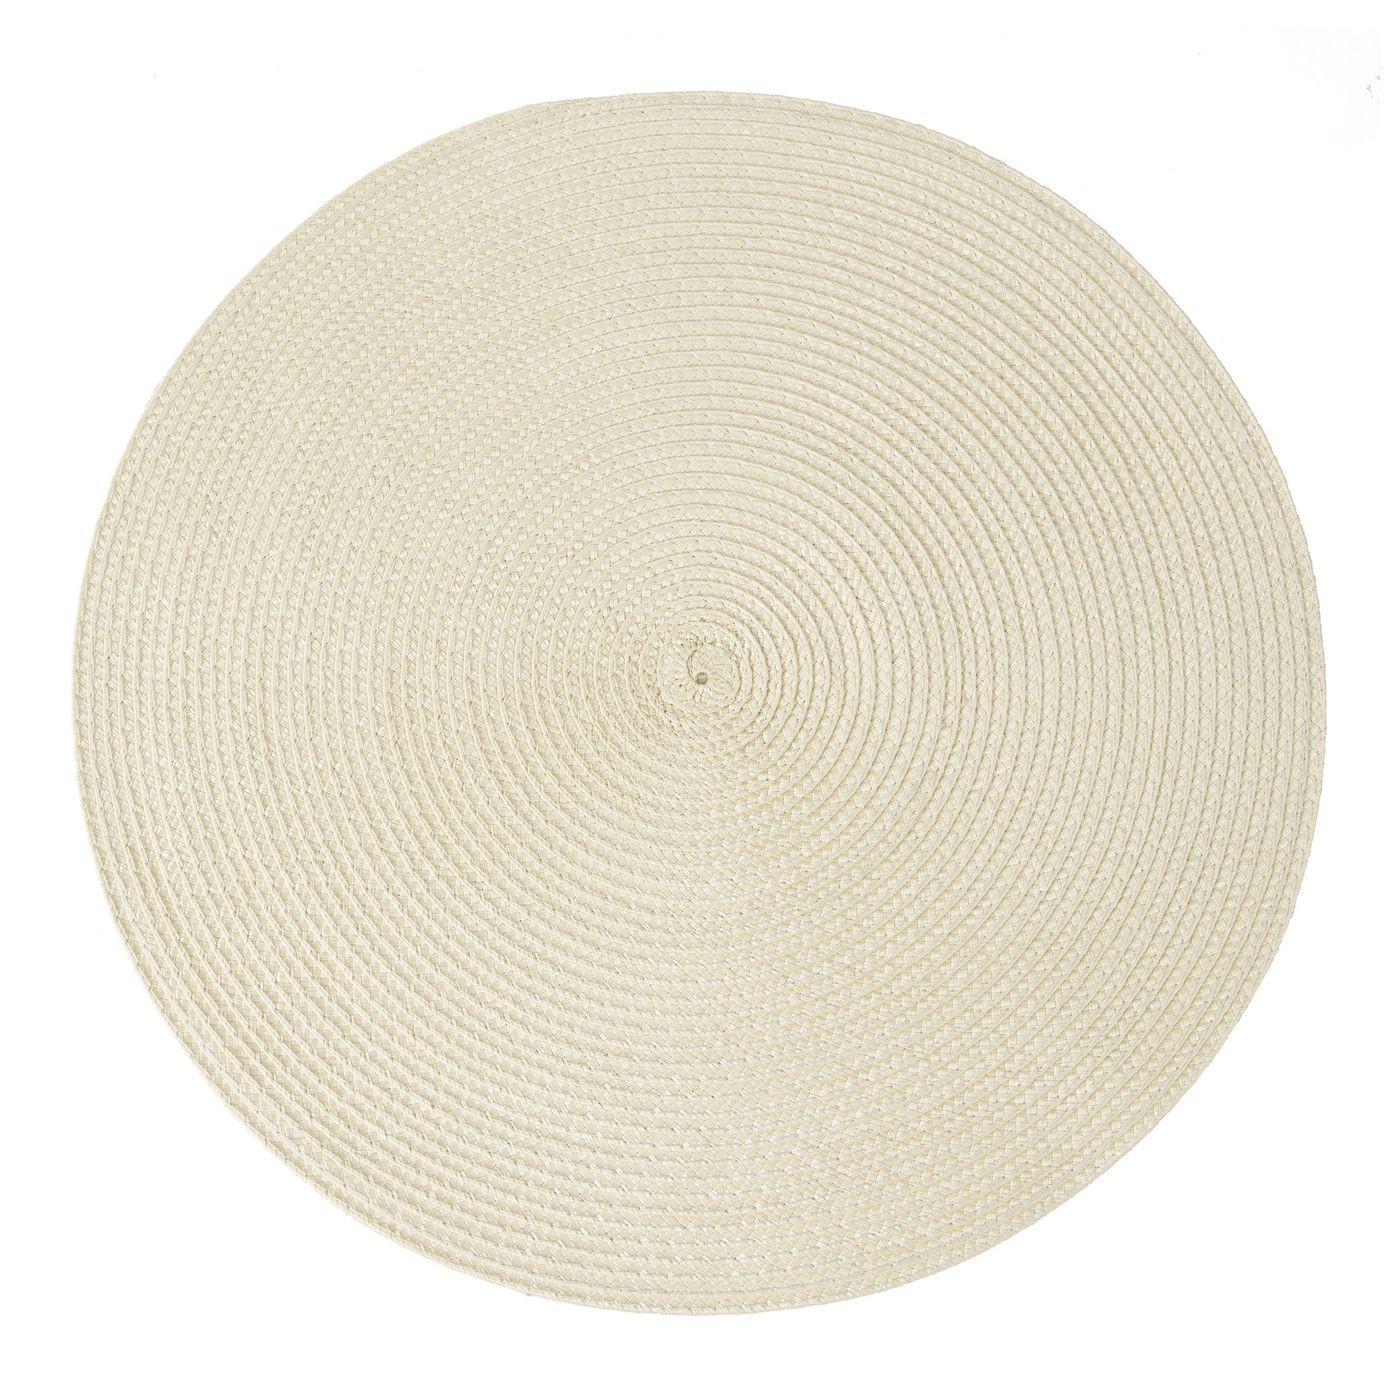 Okrągła podkładka stołowa beżowa średnica 38 cm